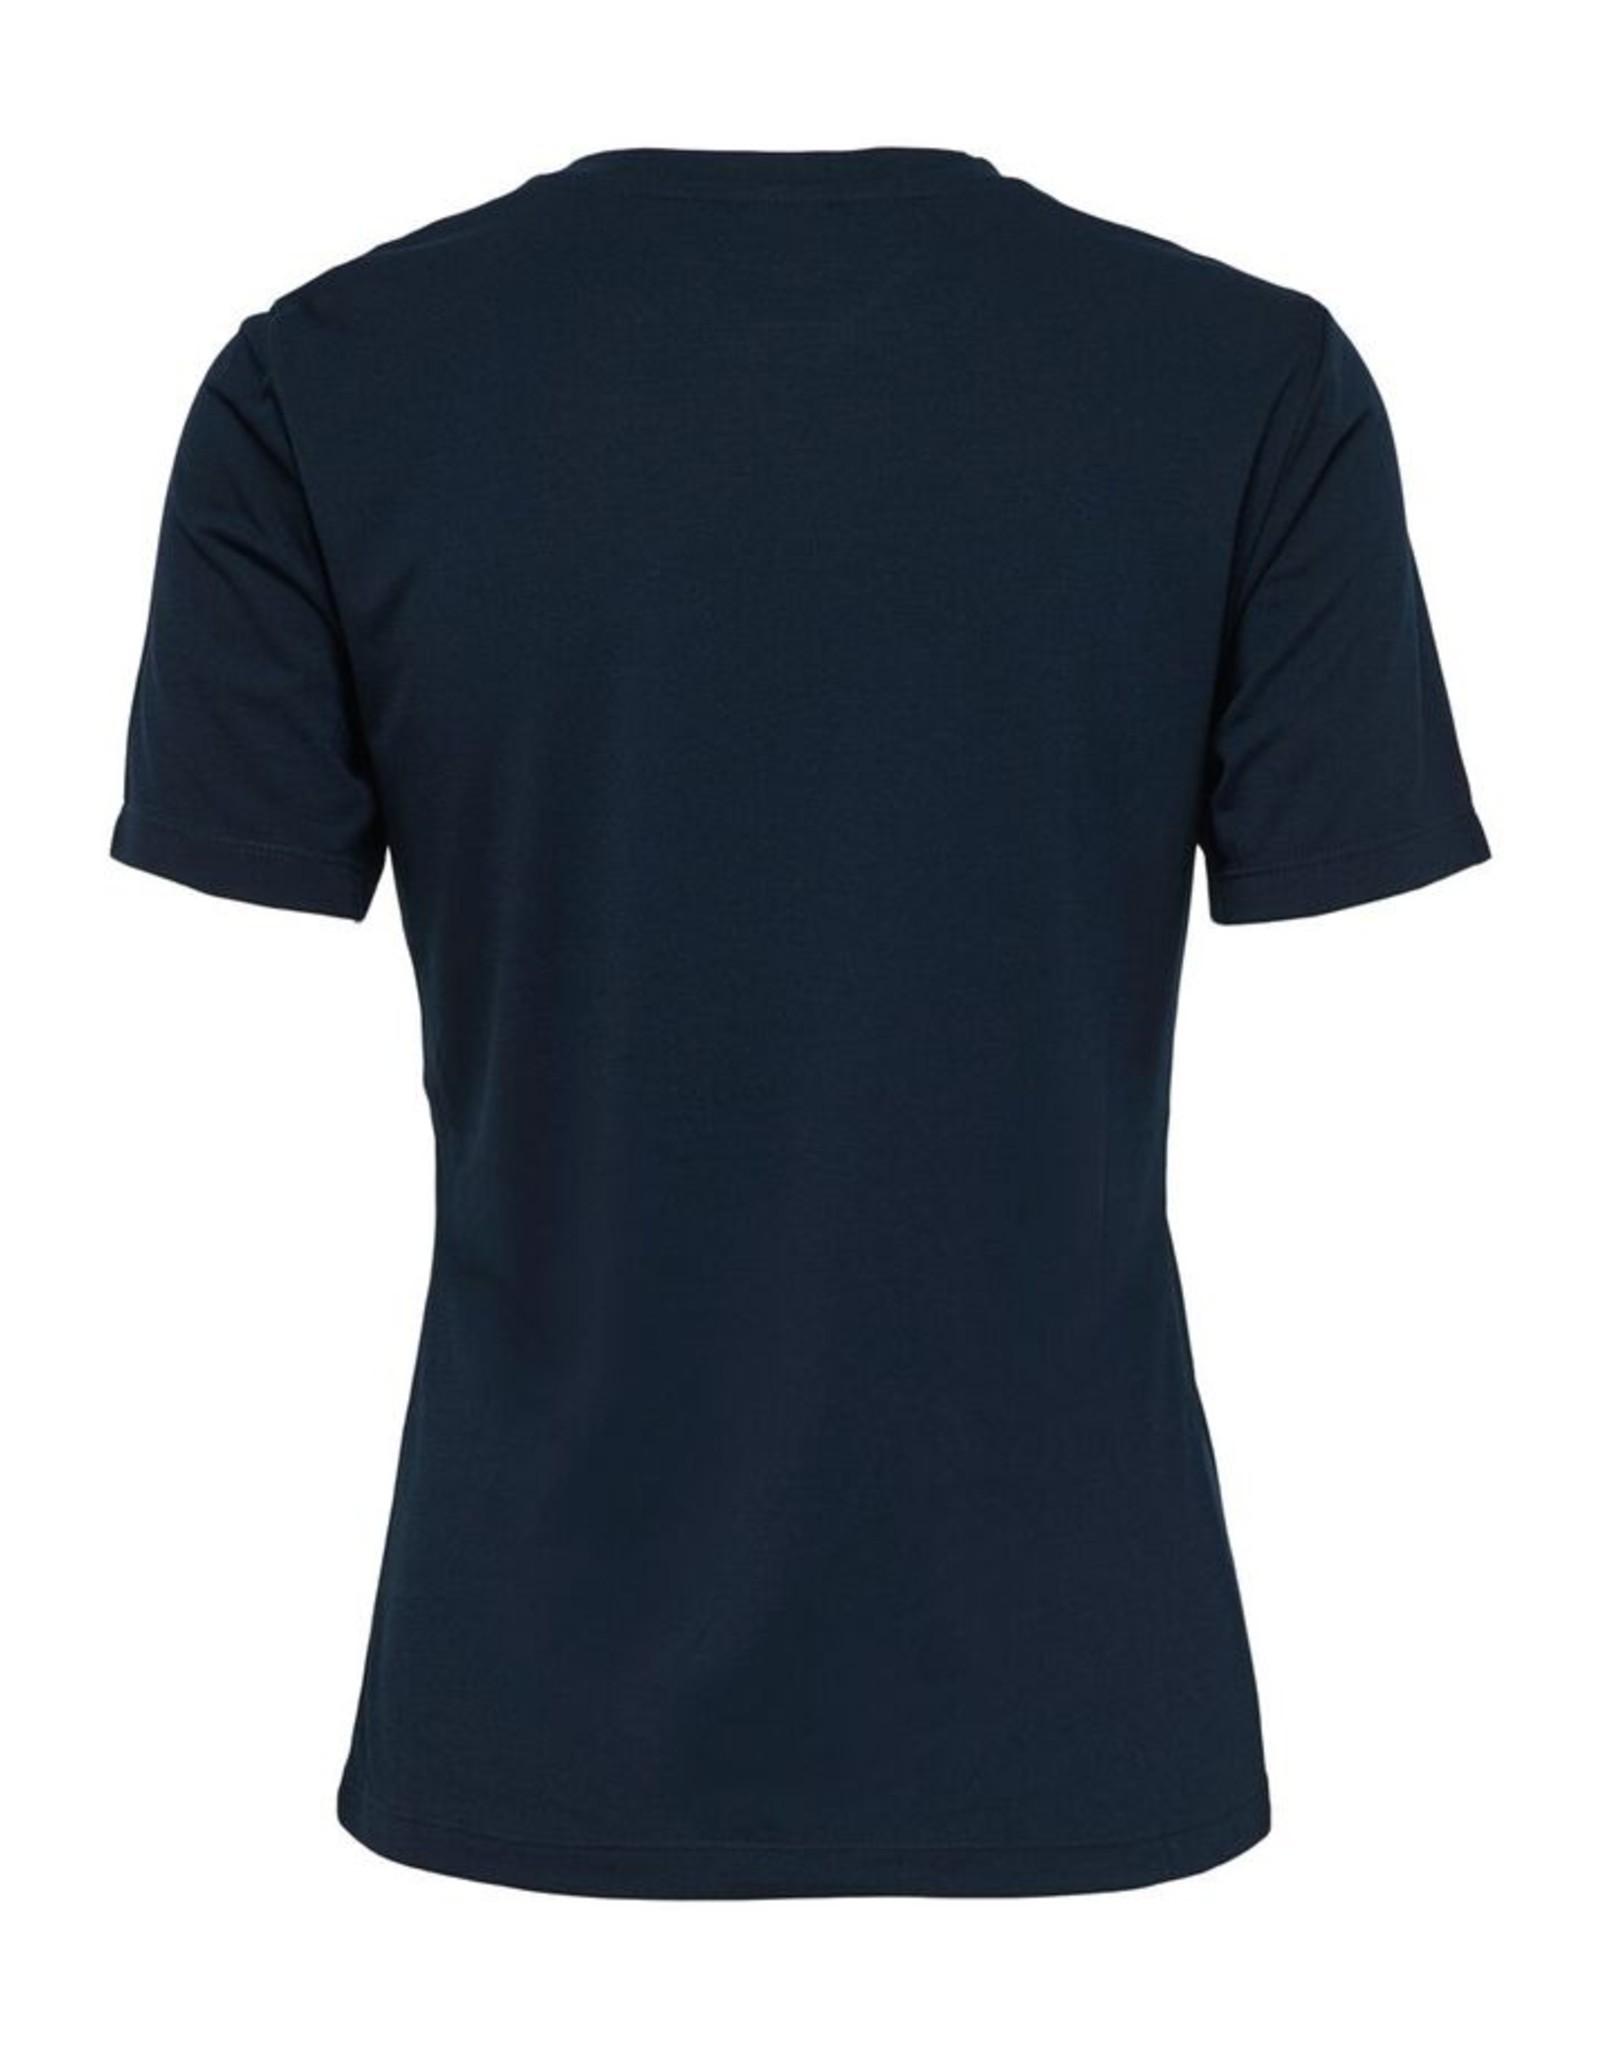 BUTTON T-SHIRT BLUE